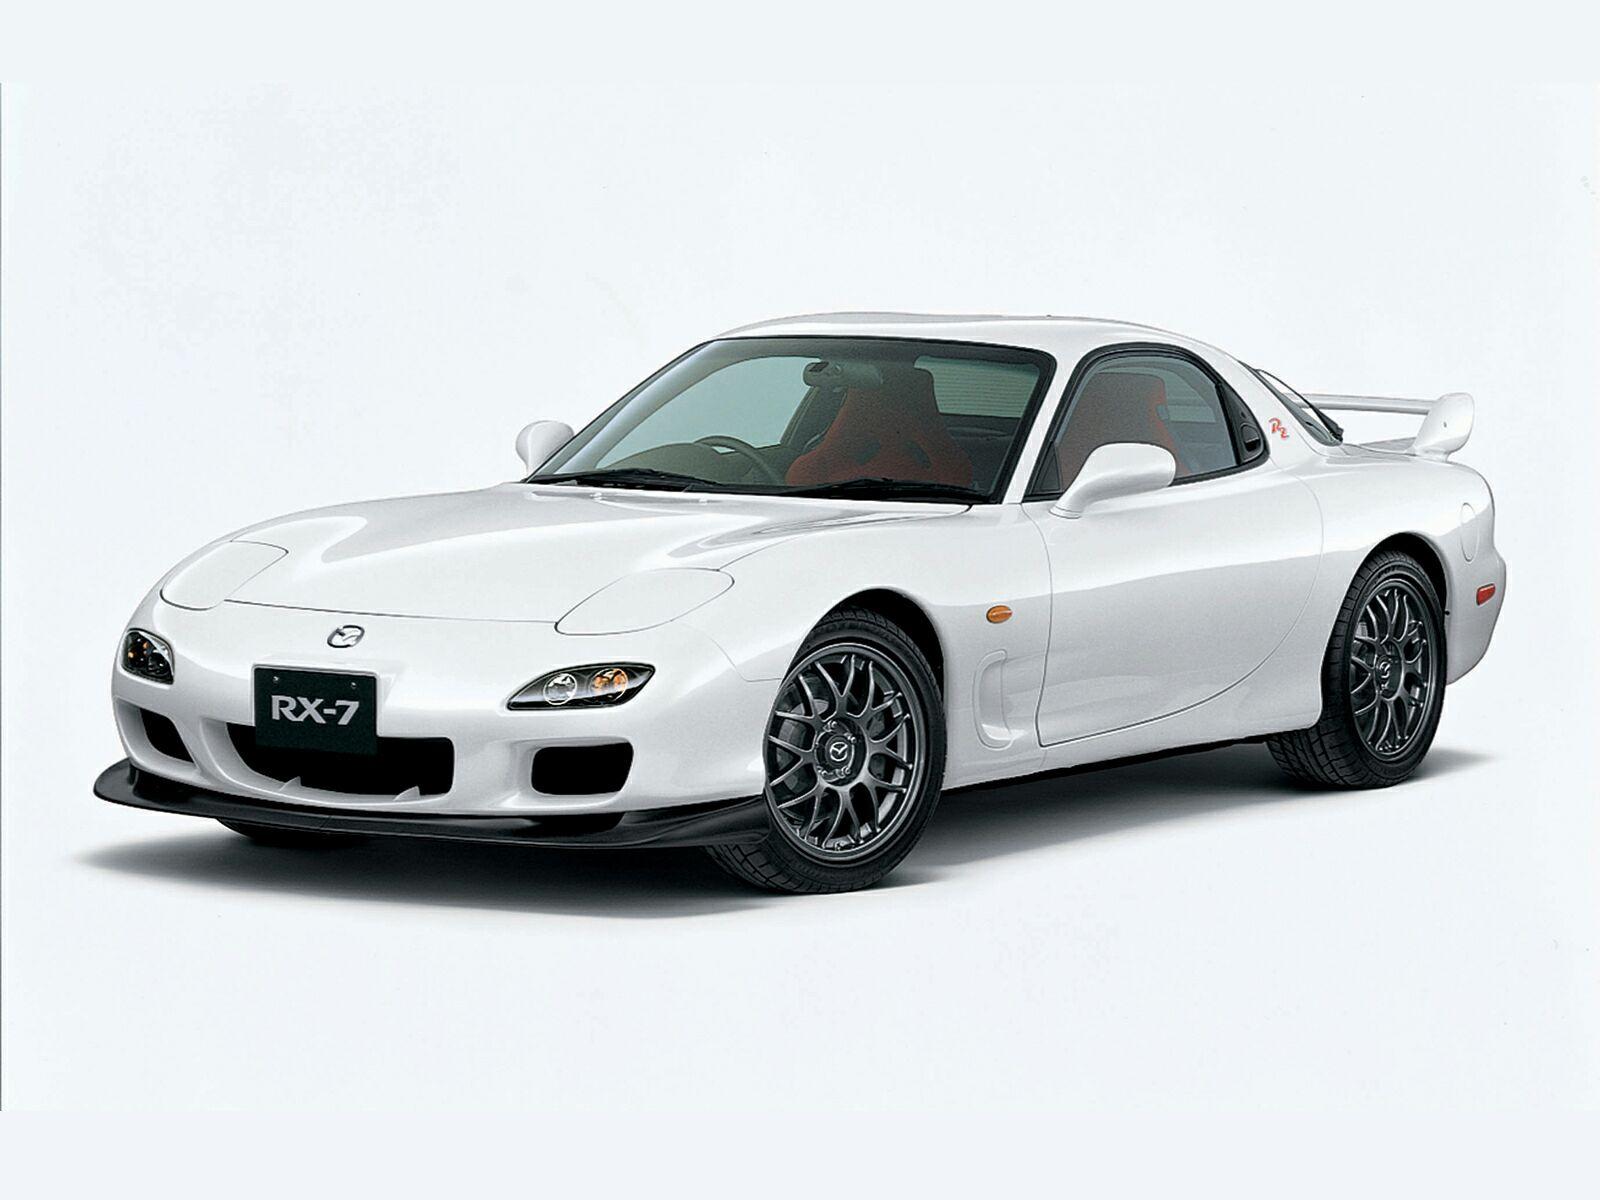 Mazda Rx 8  Mazda Rx 8 usagé à vendre sur AutoAubaine